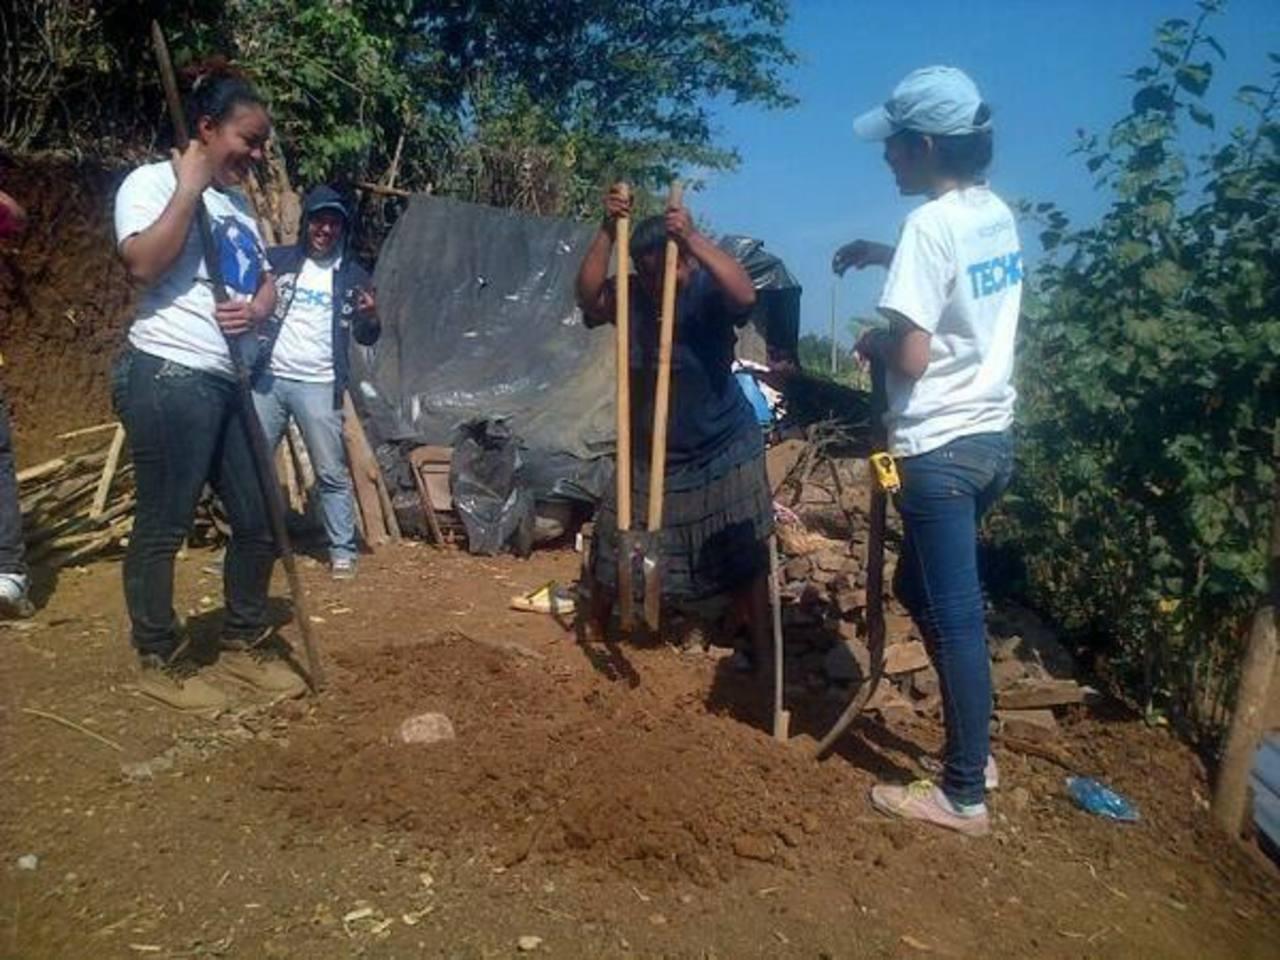 Universitarios y colaboradores de DHL, junto a miembros de la comunidad, participaron en la jornada. foto edh cortesía